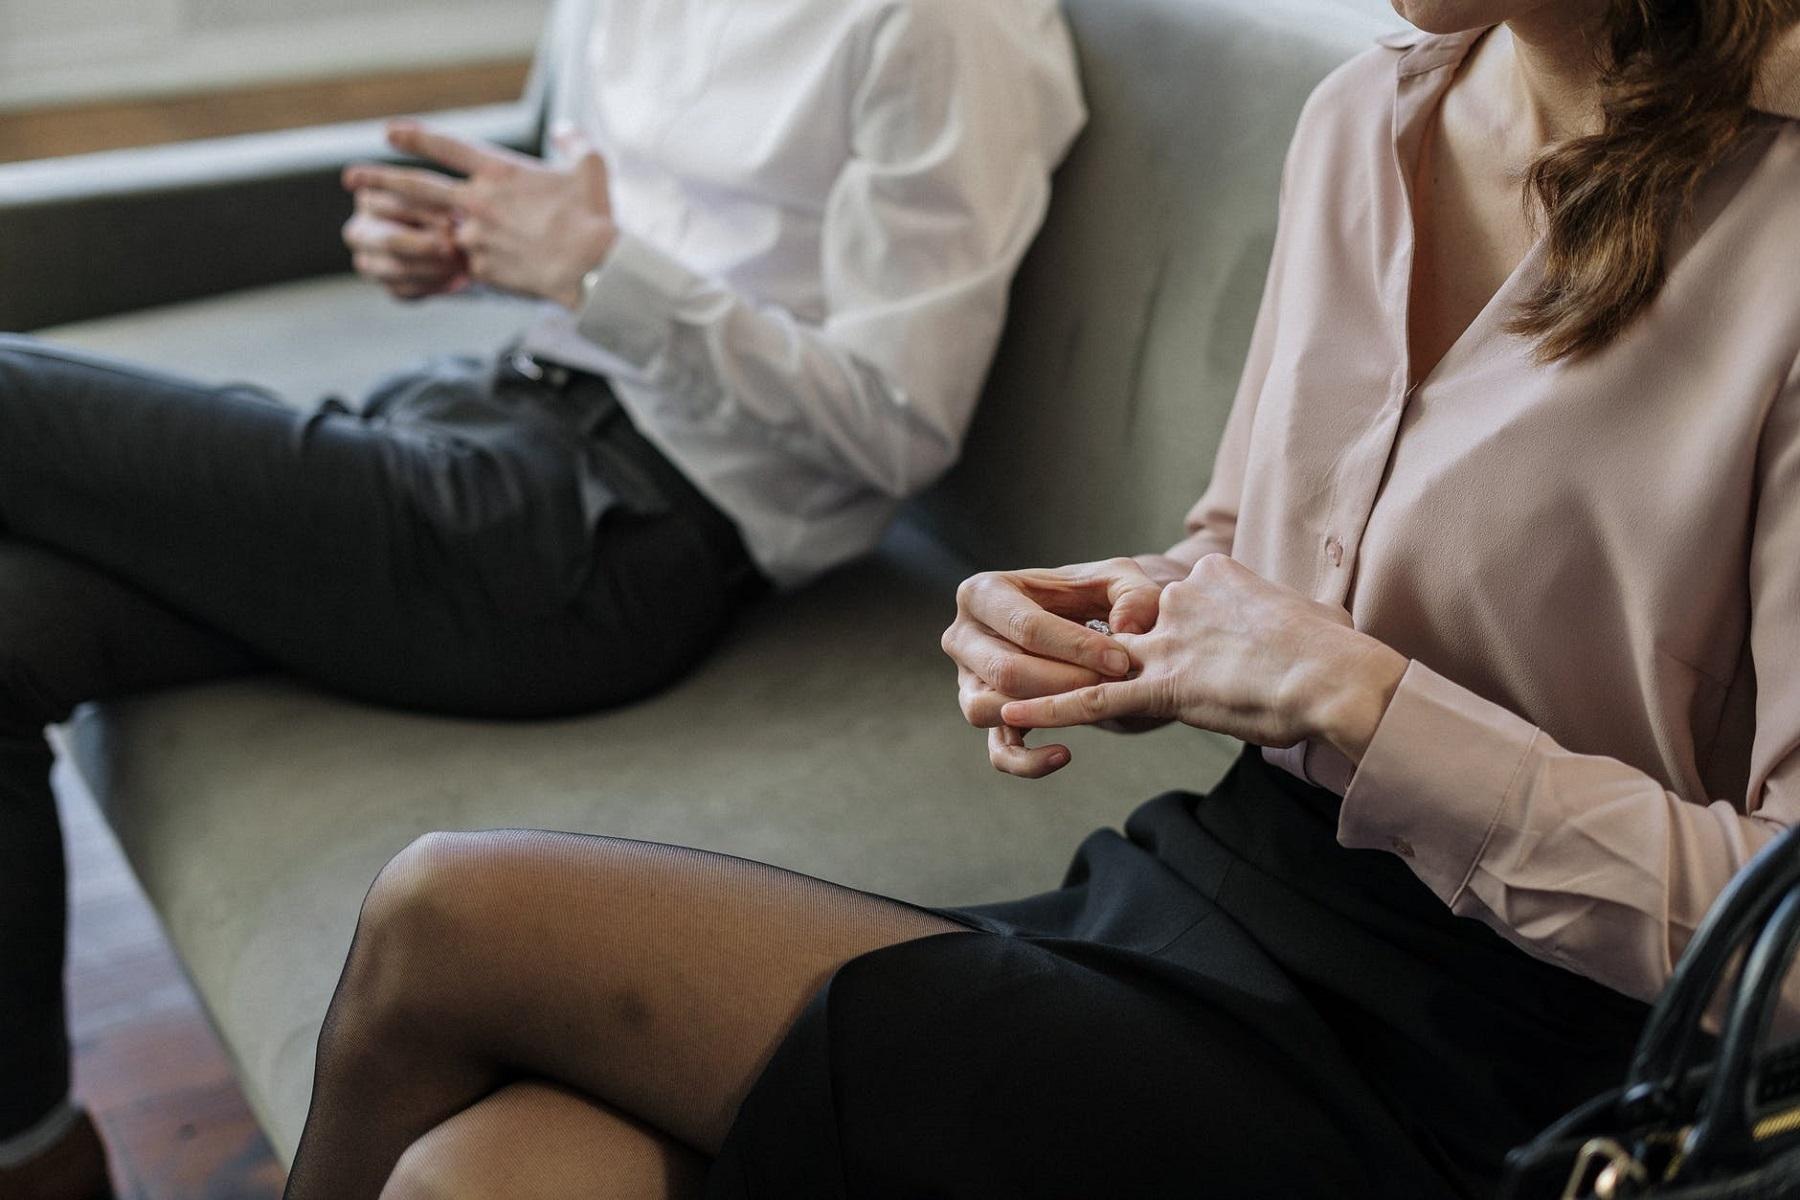 Διαζύγιο Υγεία: Όταν οι επιπτώσεις στο σώμα και στην ψυχή έχουν να κάνουν με τη χρονική στιγμή